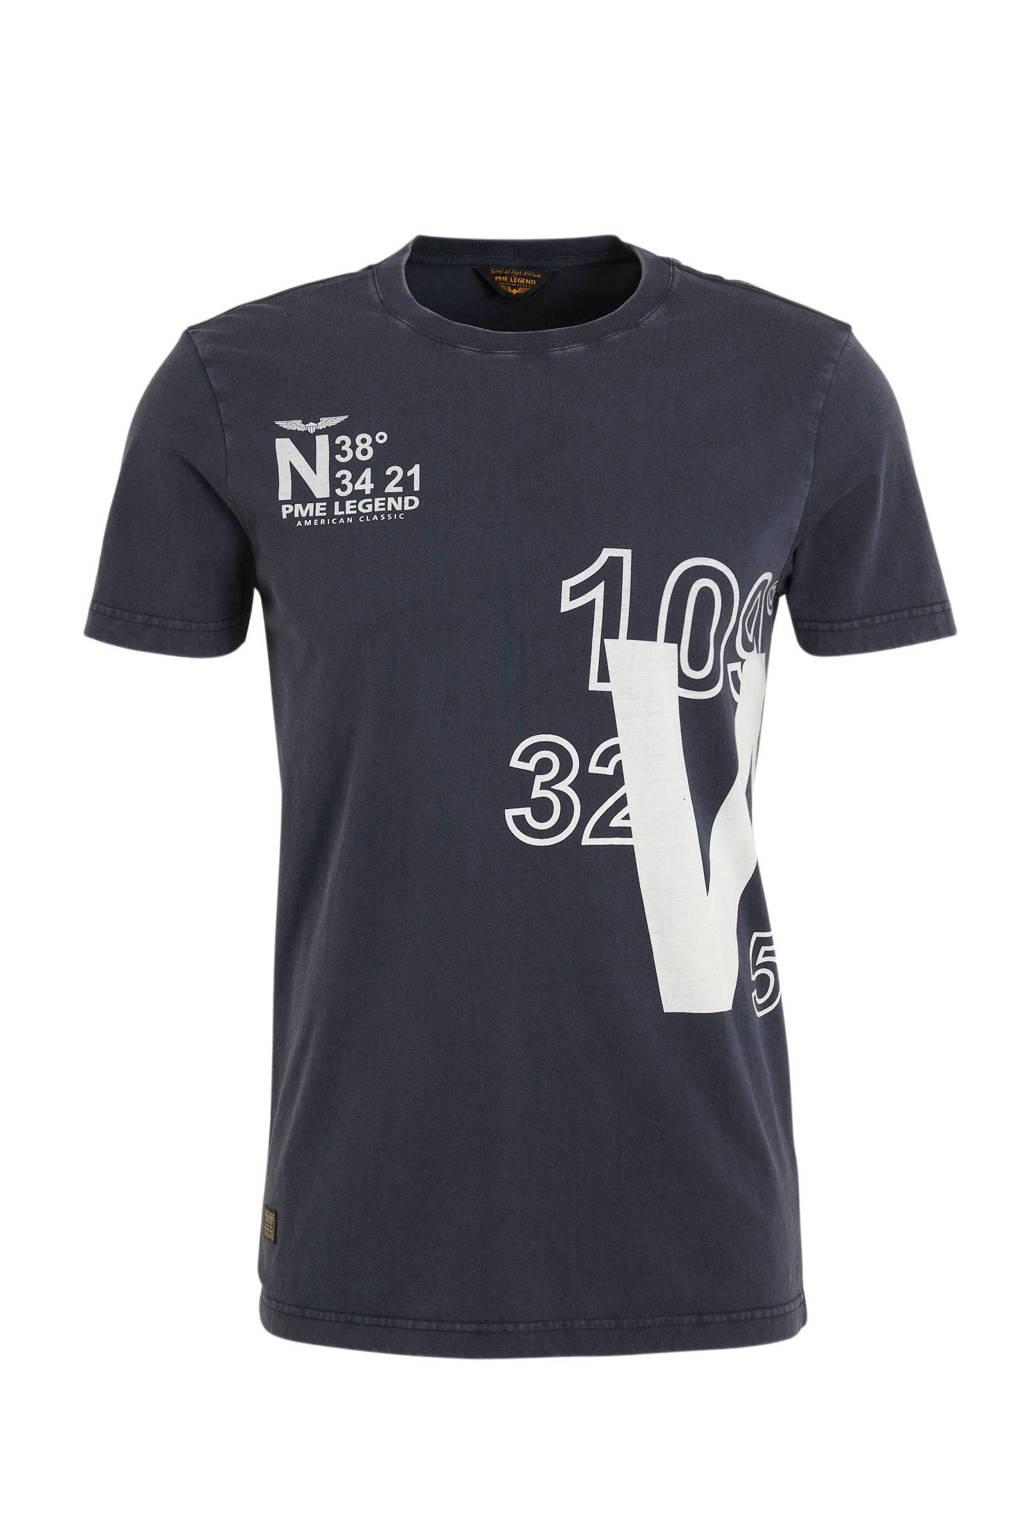 PME Legend T-shirt met printopdruk grijs, Grijs